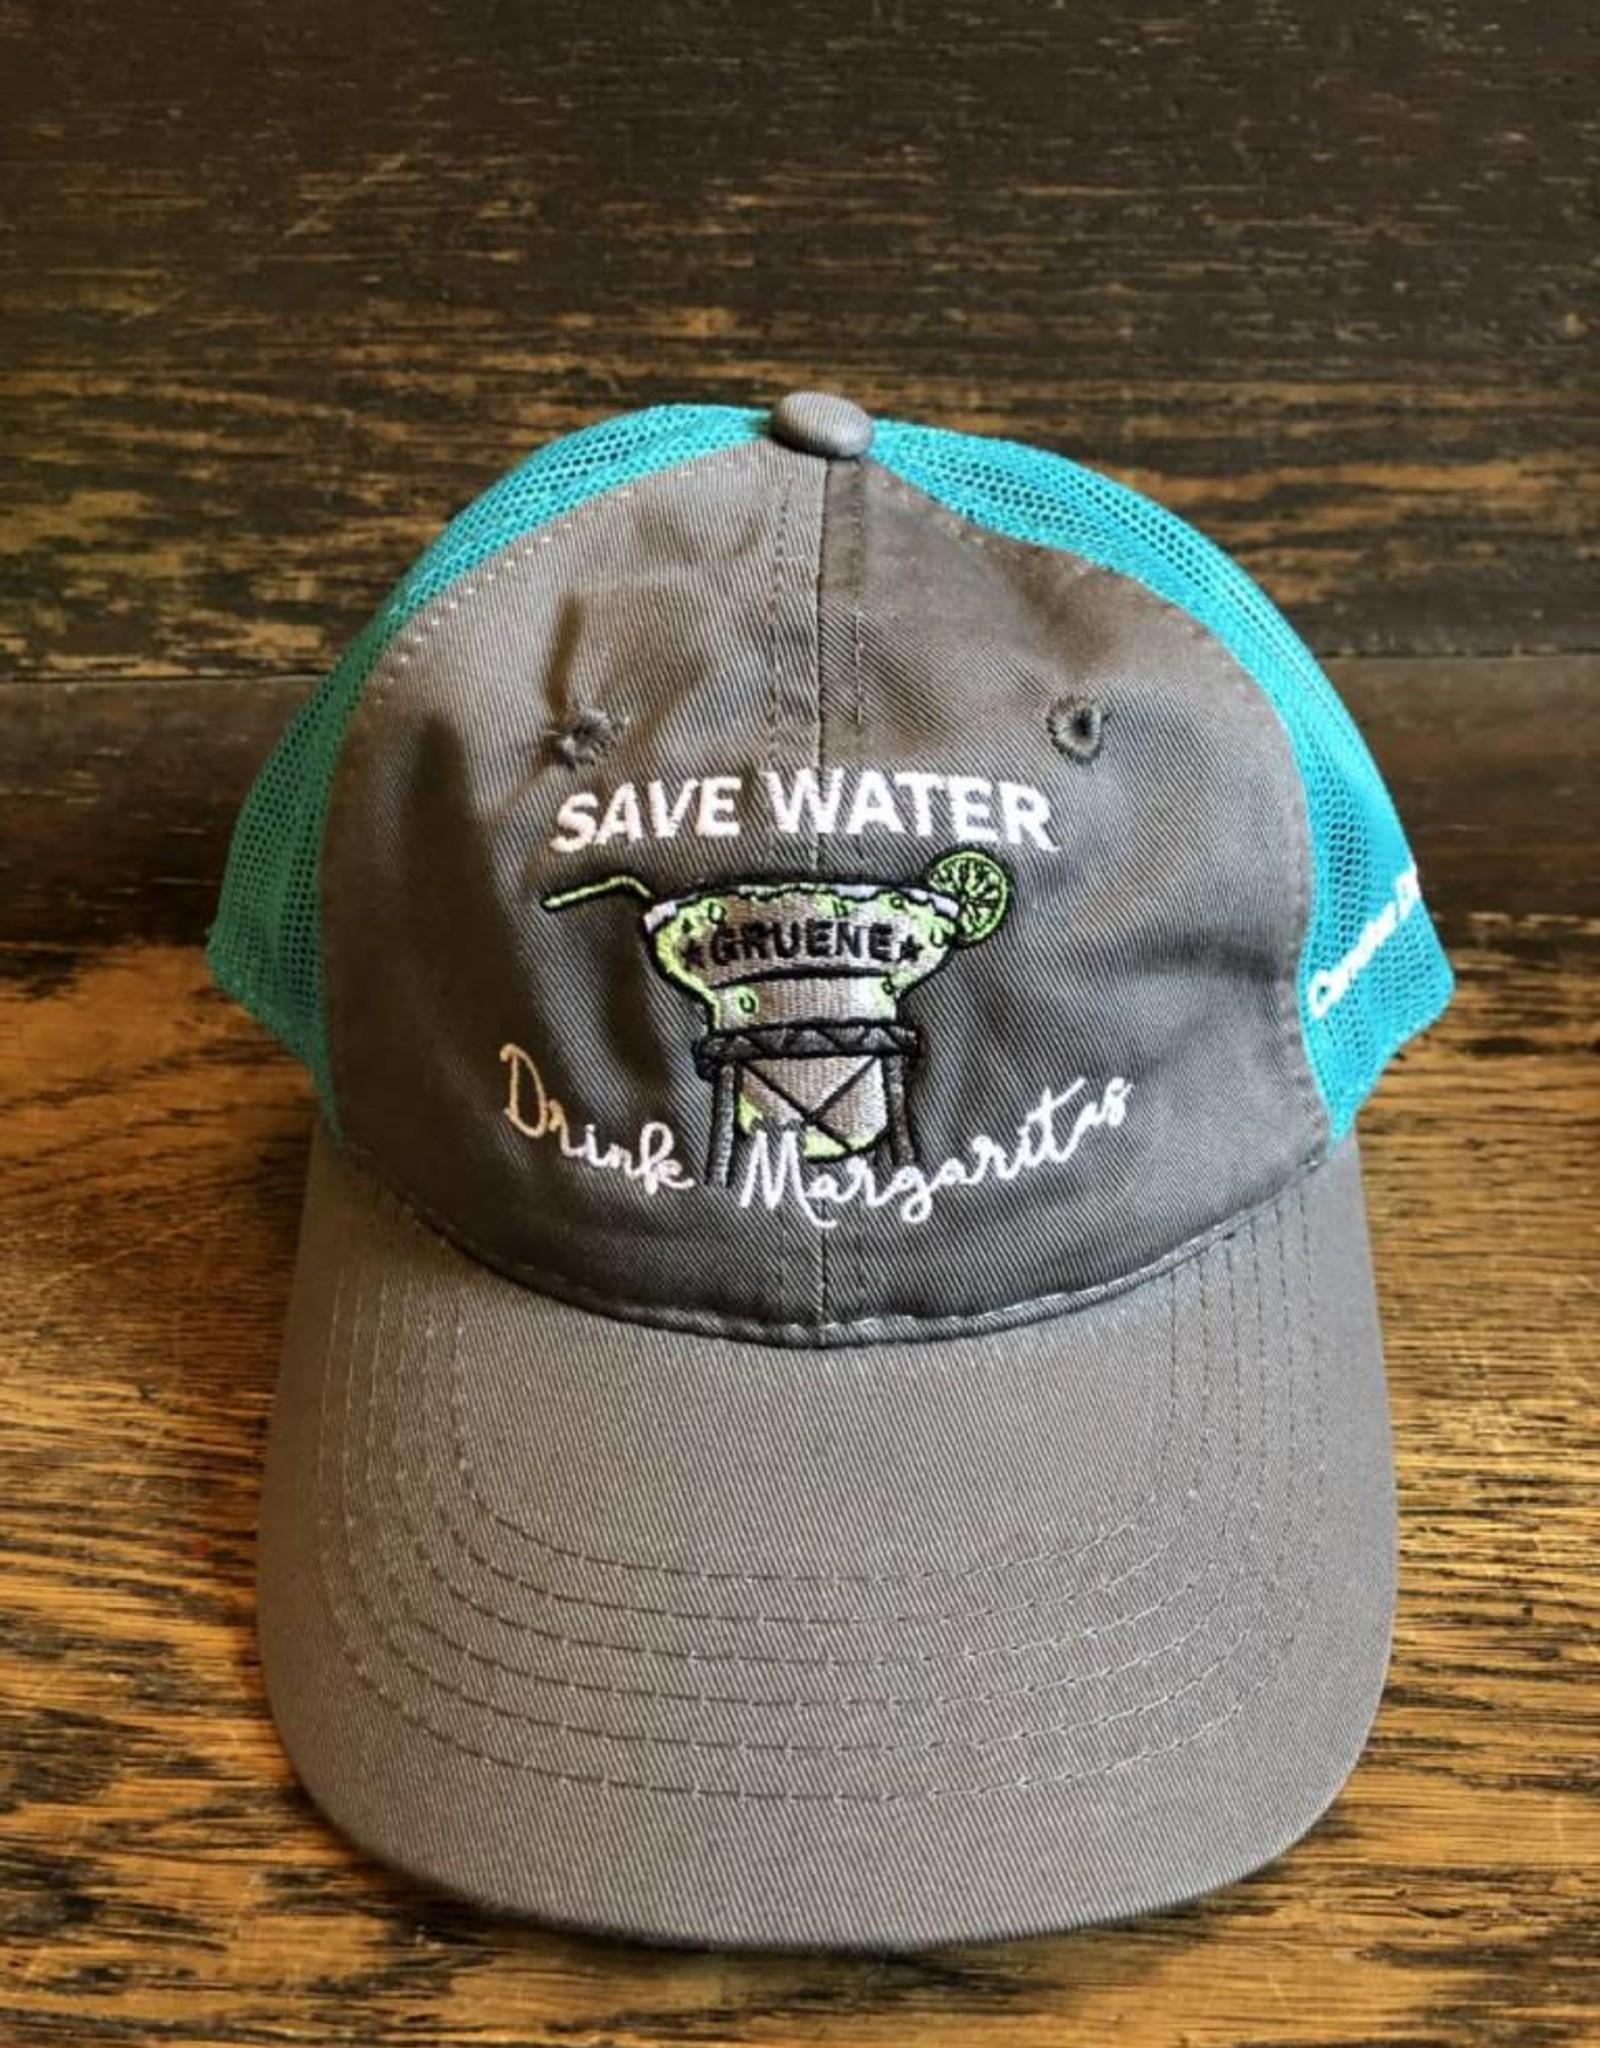 Save Water Drink Margaritas